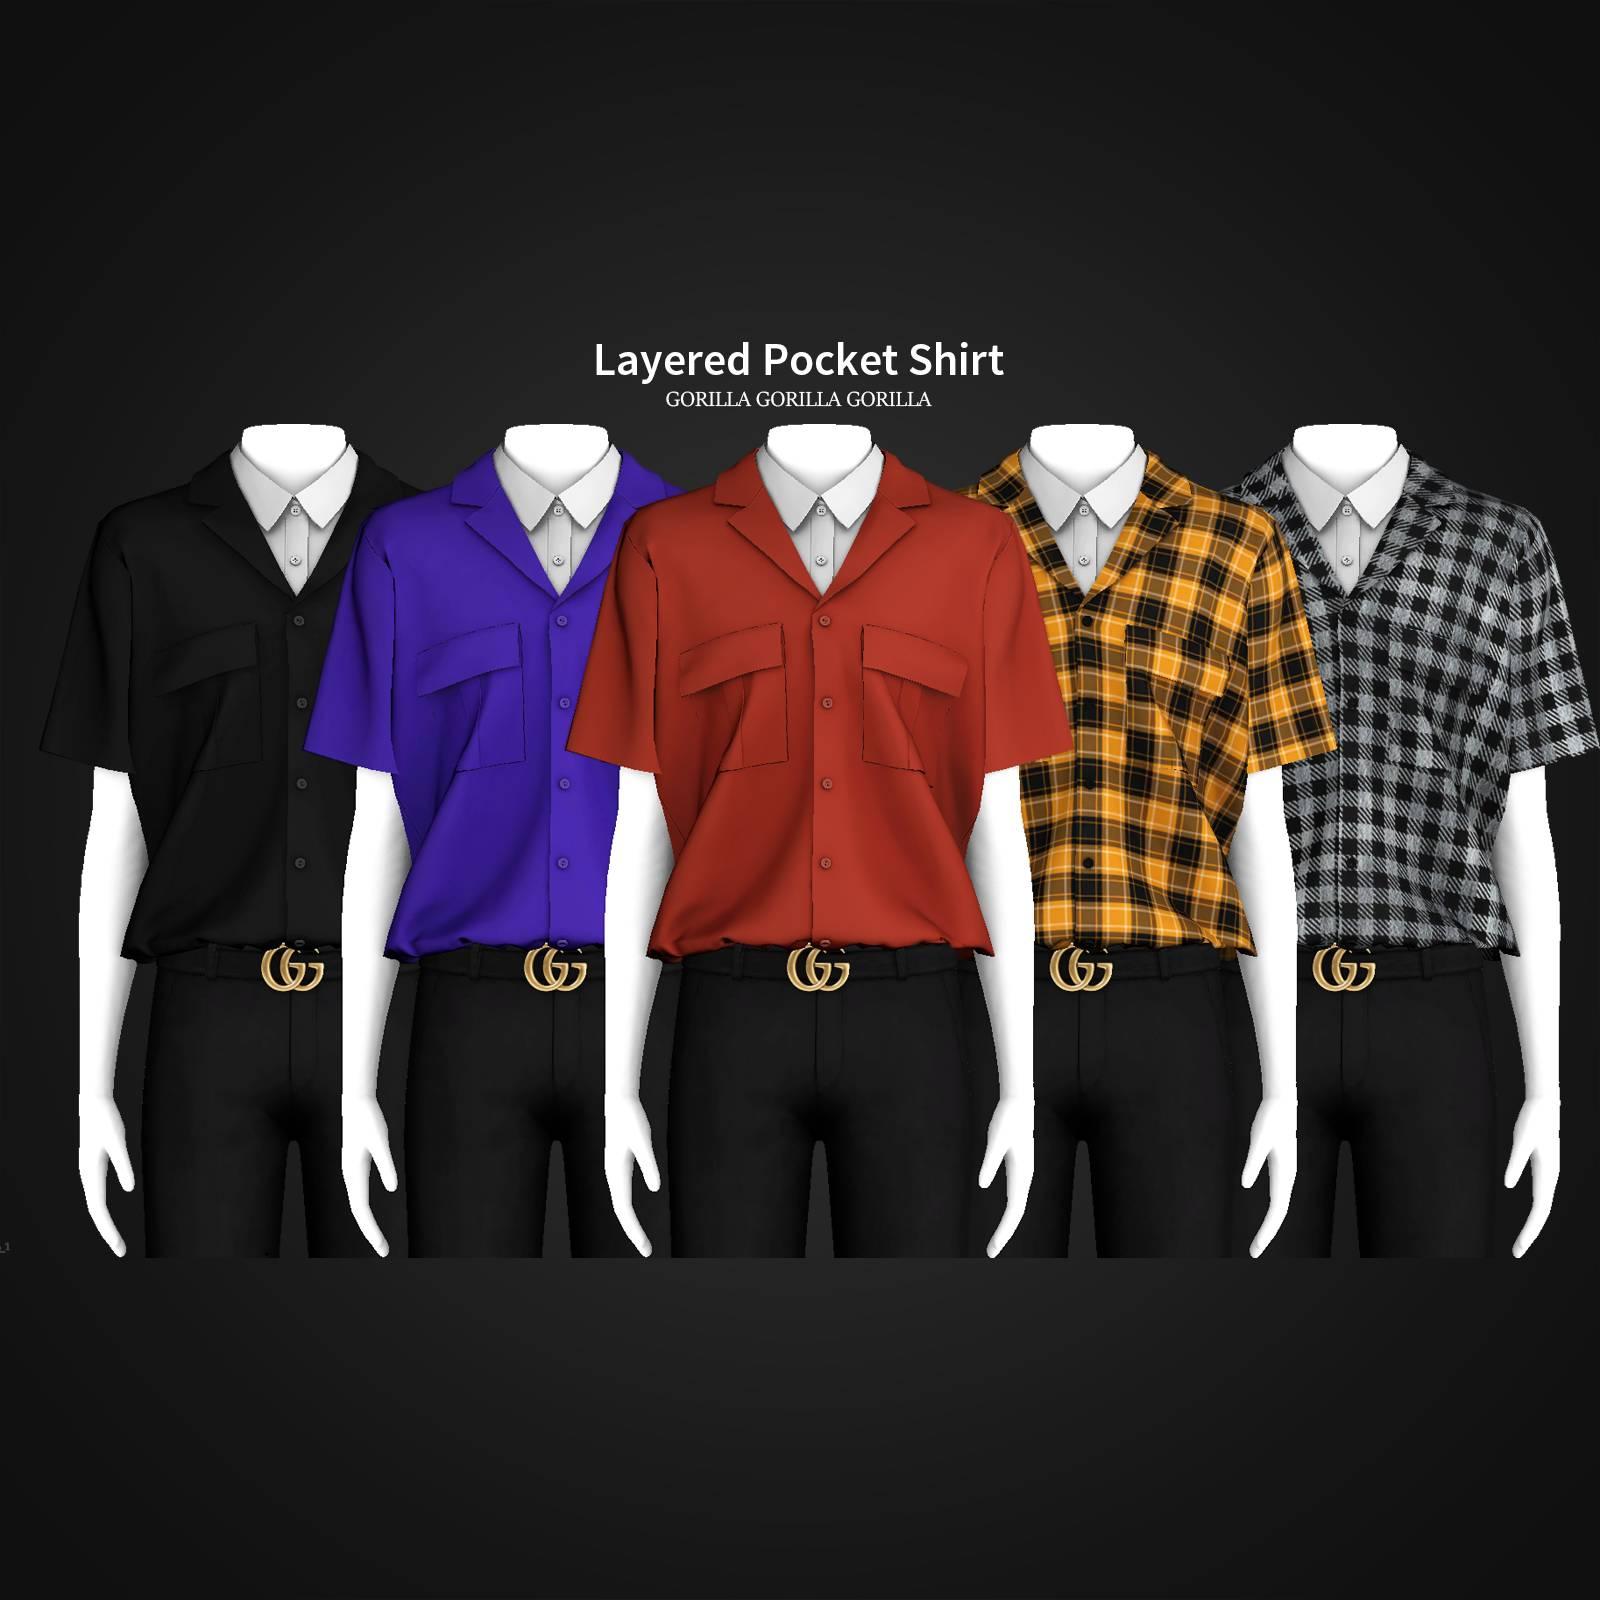 Мужская рубашка - Layered Pocket Shirt